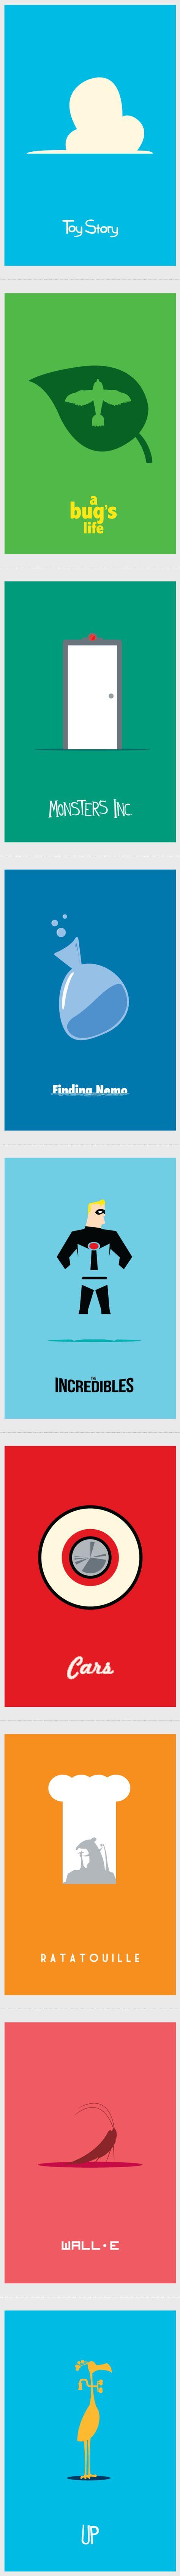 Pixar Minimalist Movie Posters